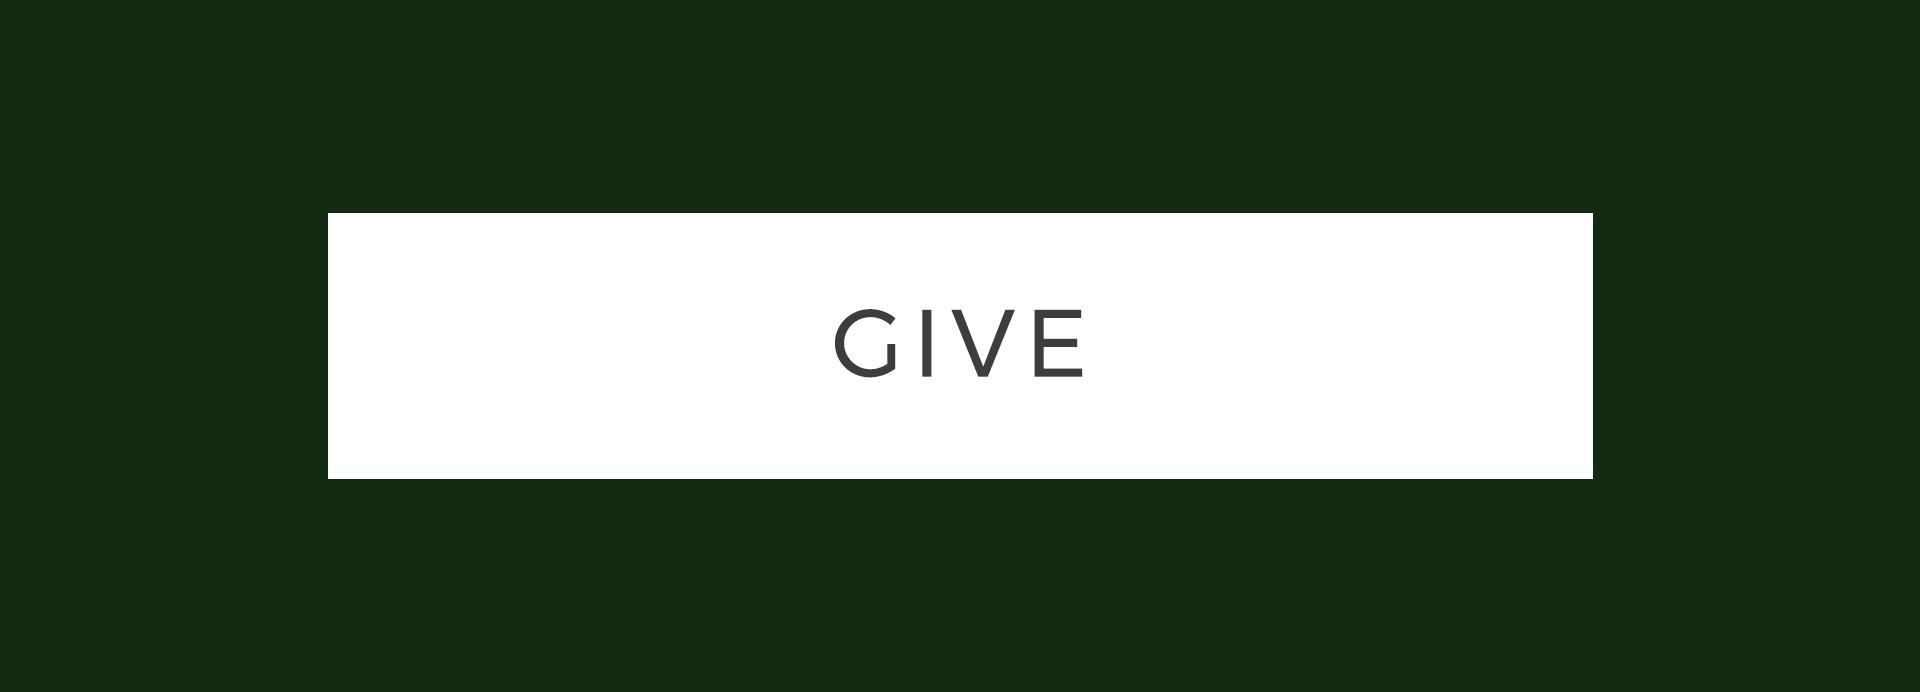 Give 1920x692.jpg